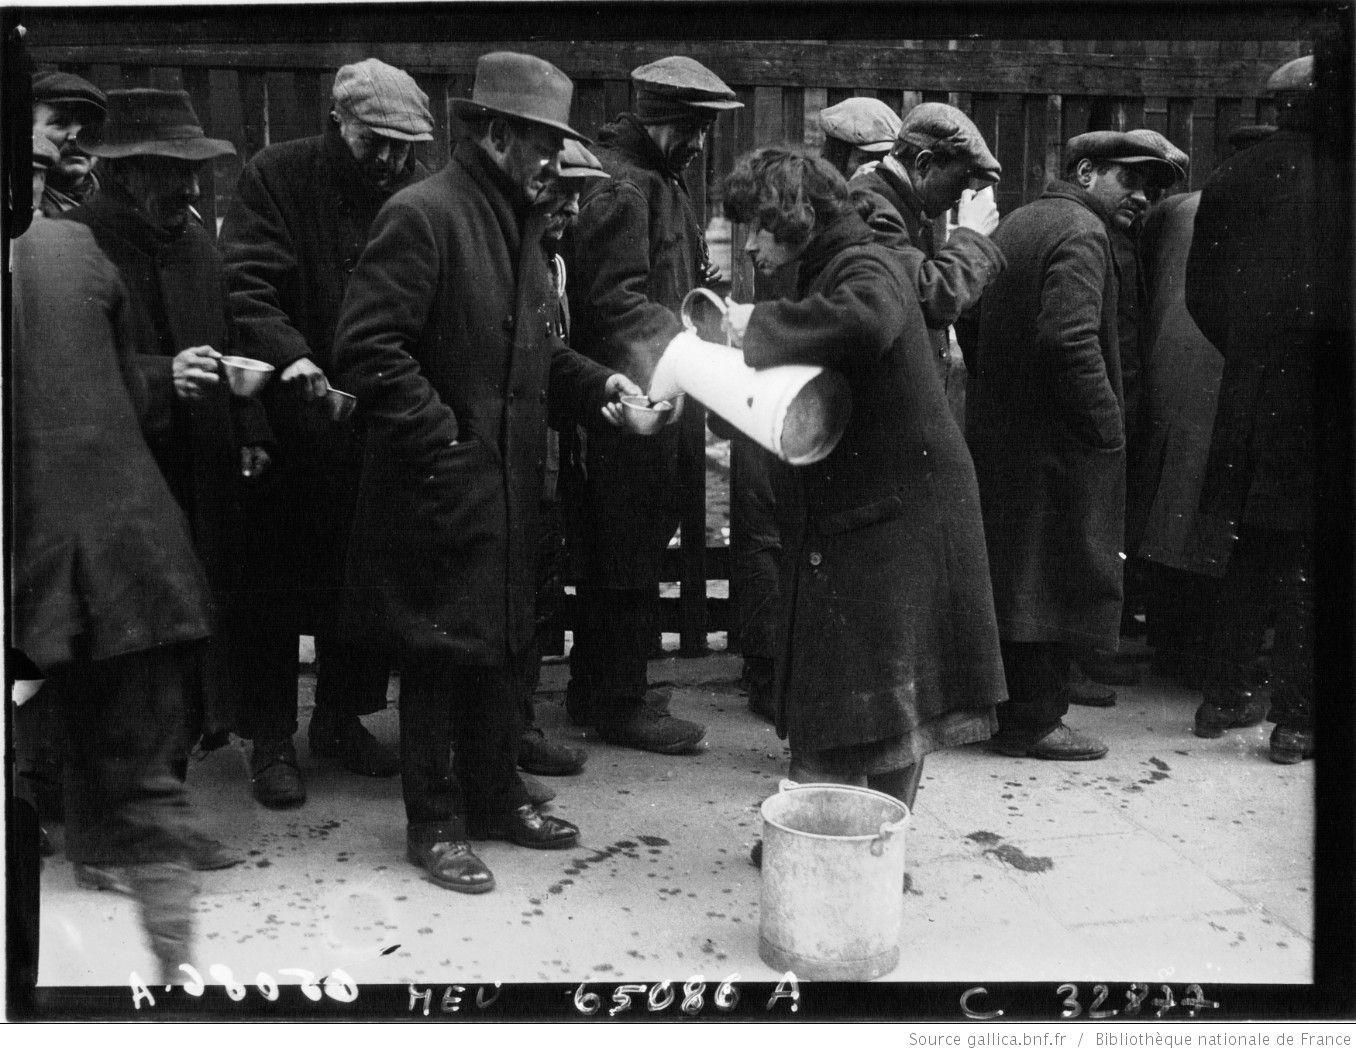 1929. Le froid à Paris : les soupes populaires : Soup kitchen [photographie de presse] / Agence Meurisse